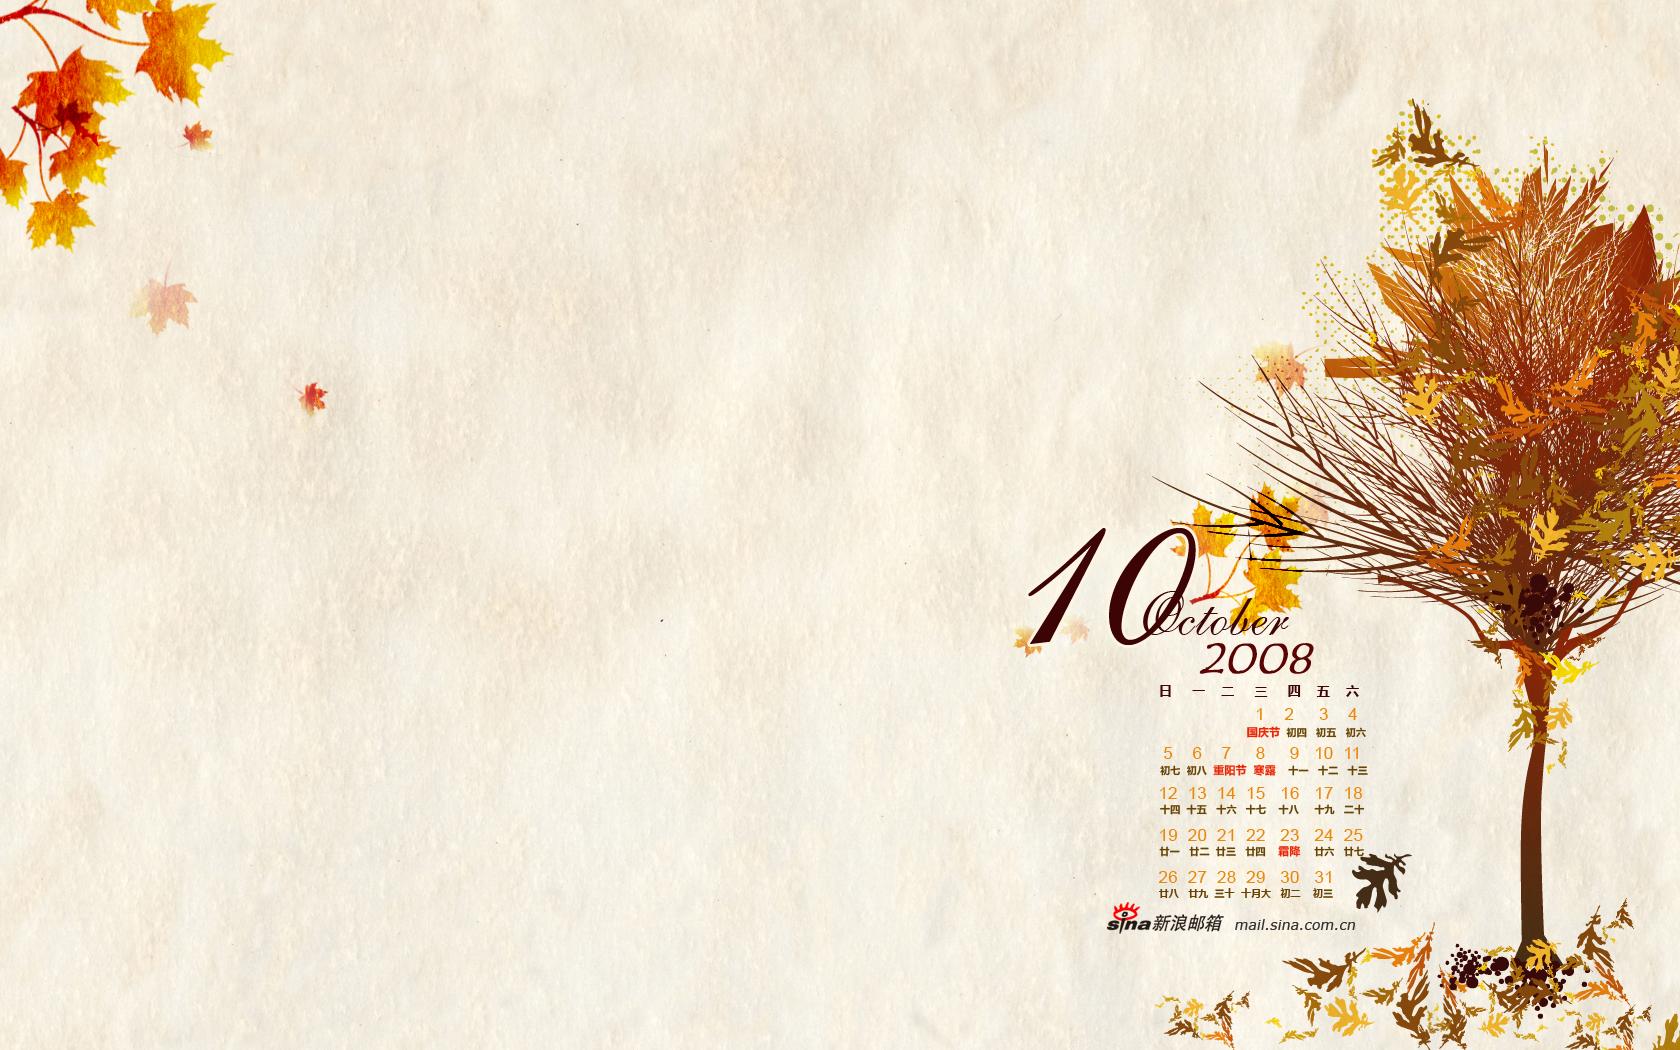 2008年10月日历壁纸——秋图片